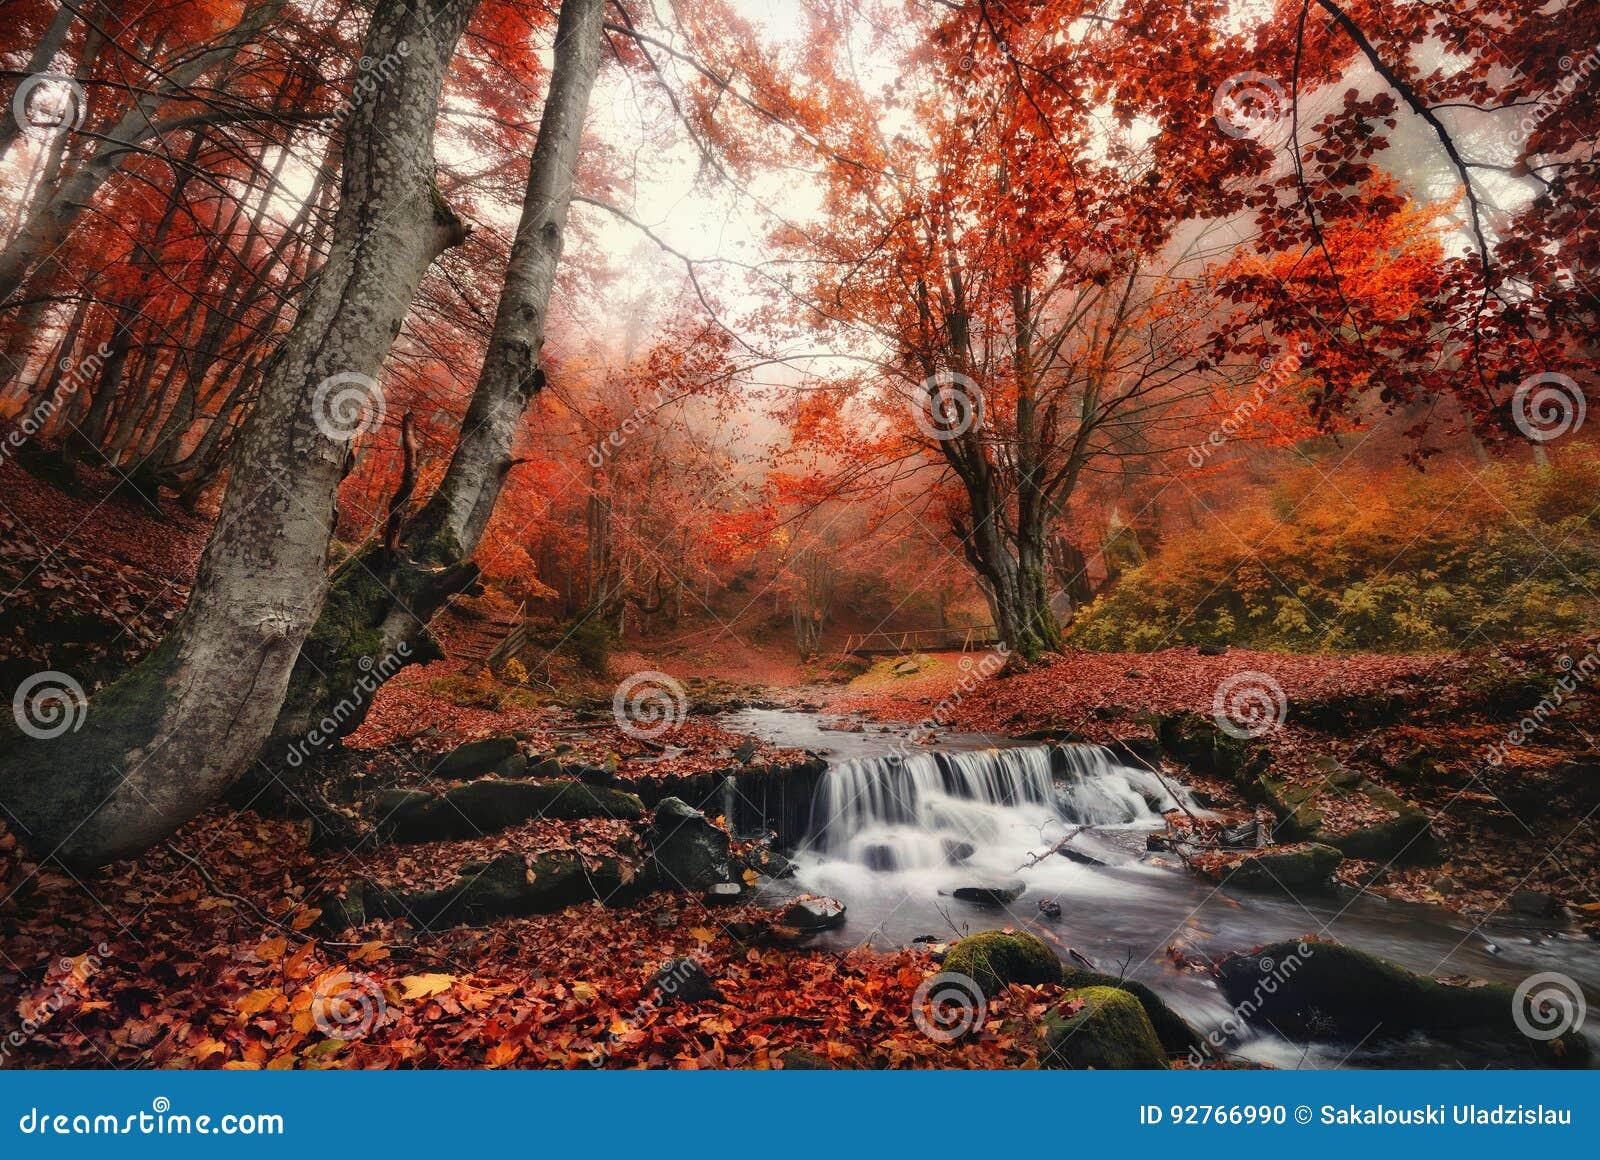 Autumn Forest Landscape With Beautiful Creek y pequeño puente Hojas encantadas del rojo de Autumn Foggy Beech Forest With y cala